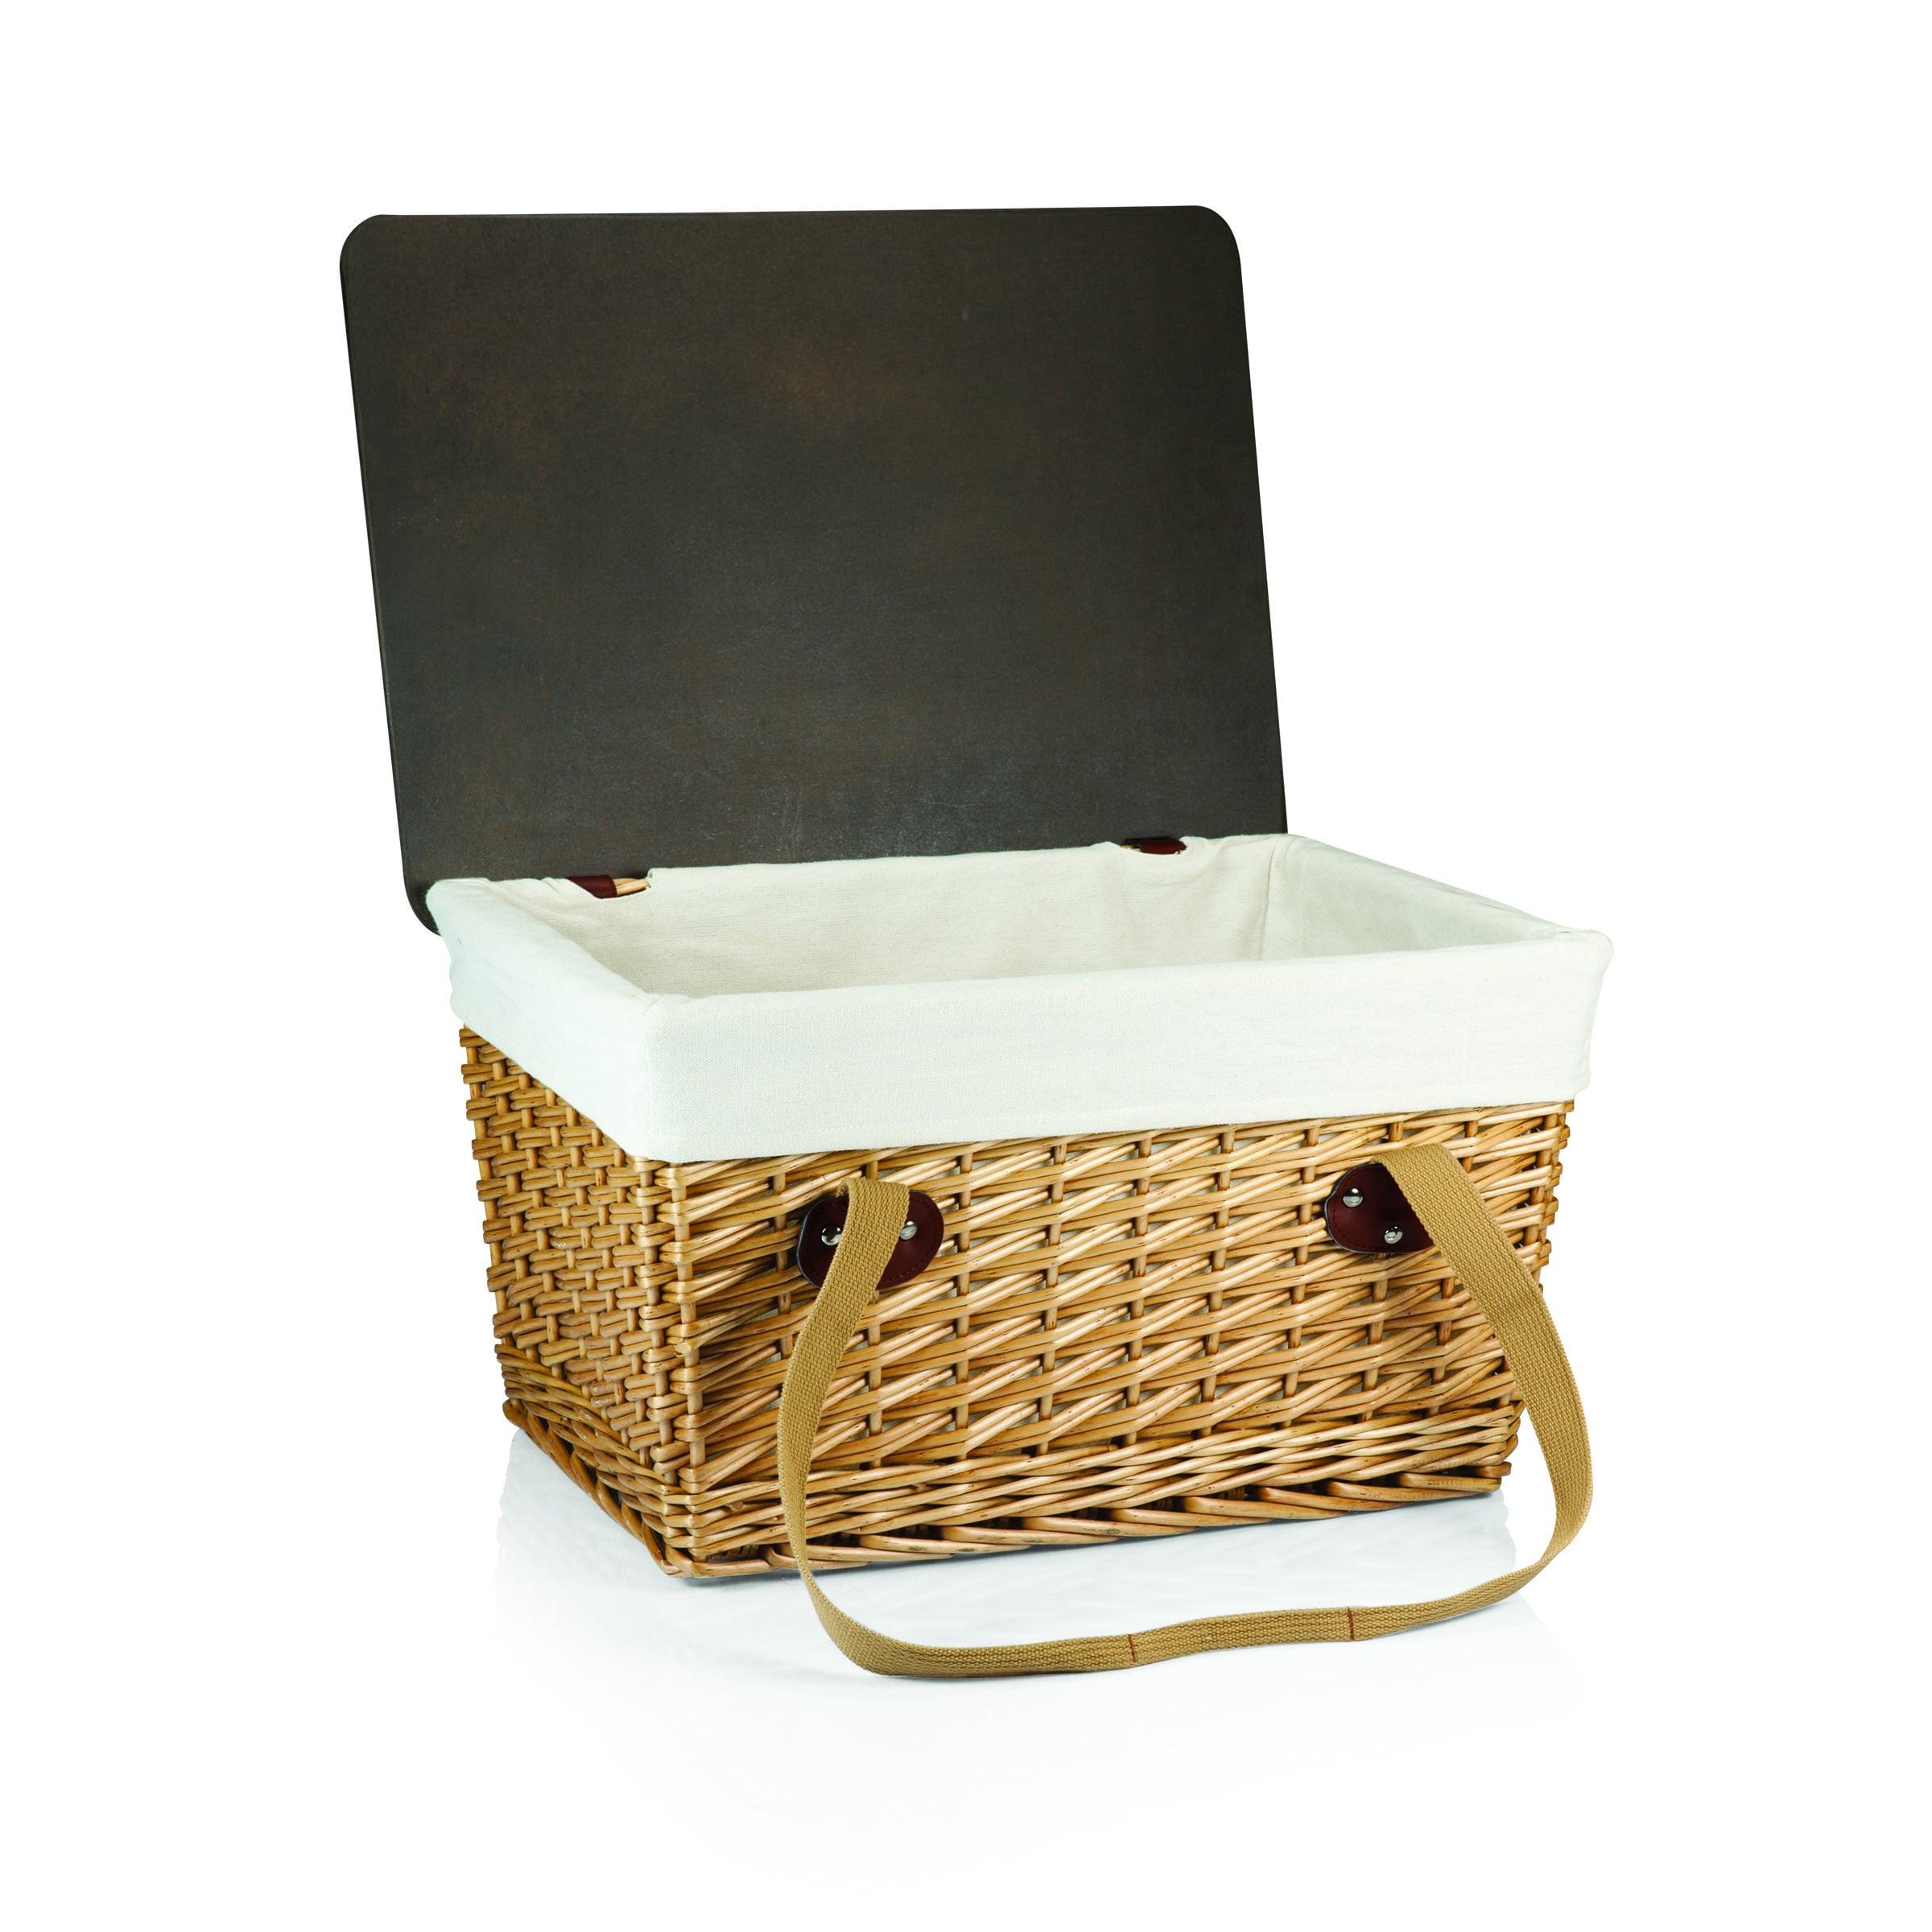 Canasta Grande Picnic Basket - Free Shipping Today - Overstock.com -  15320210